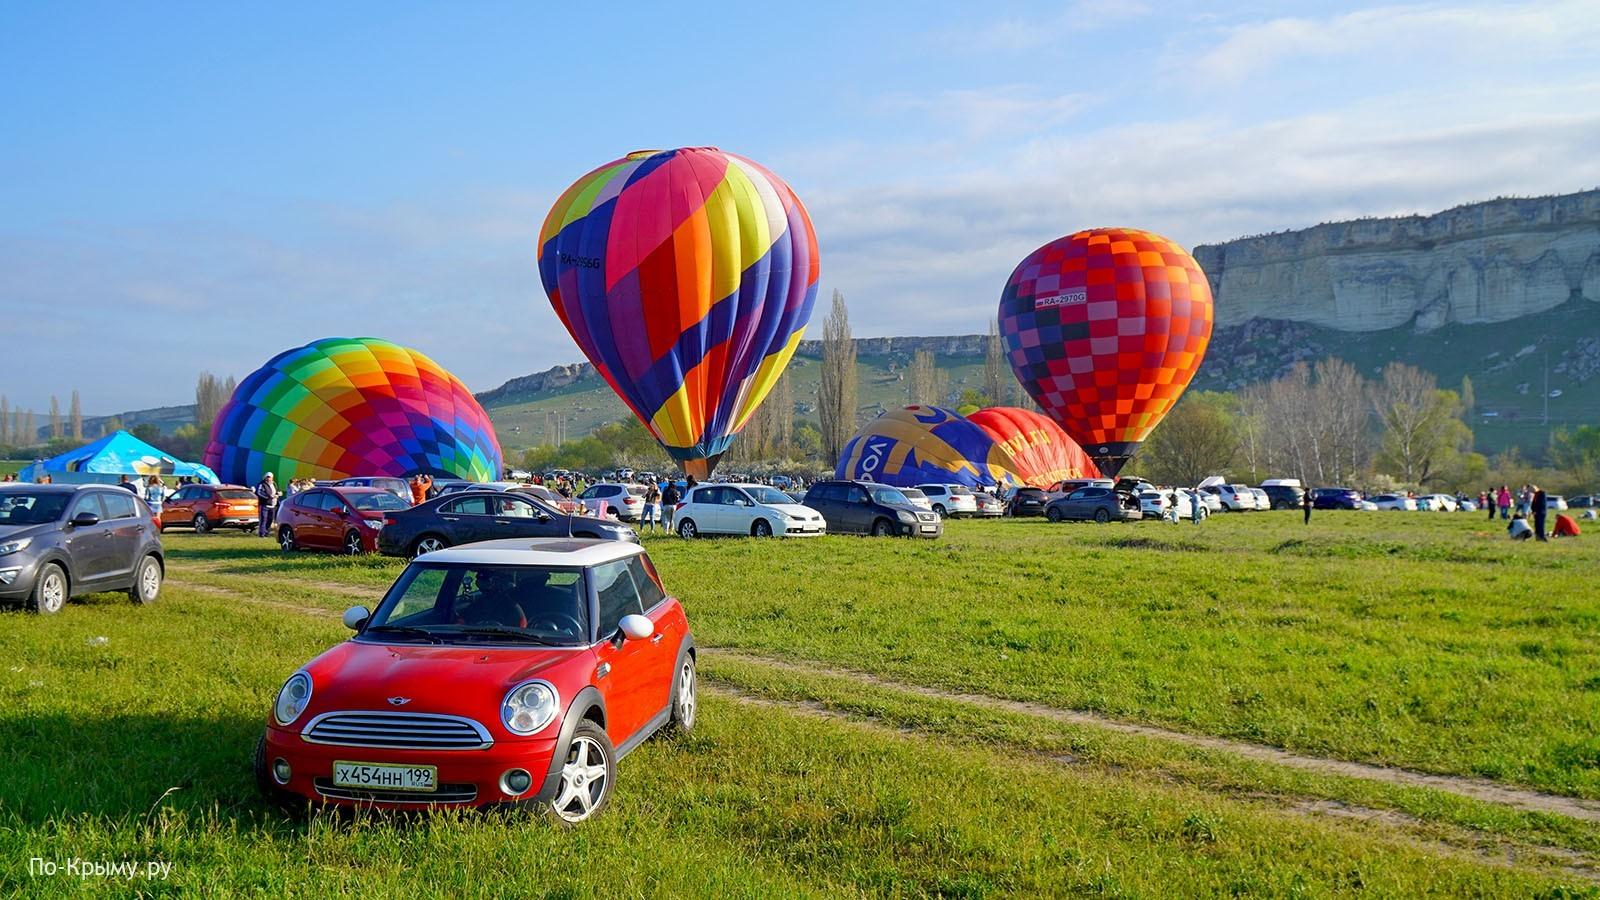 Полеты на воздушных шарах в Крыму